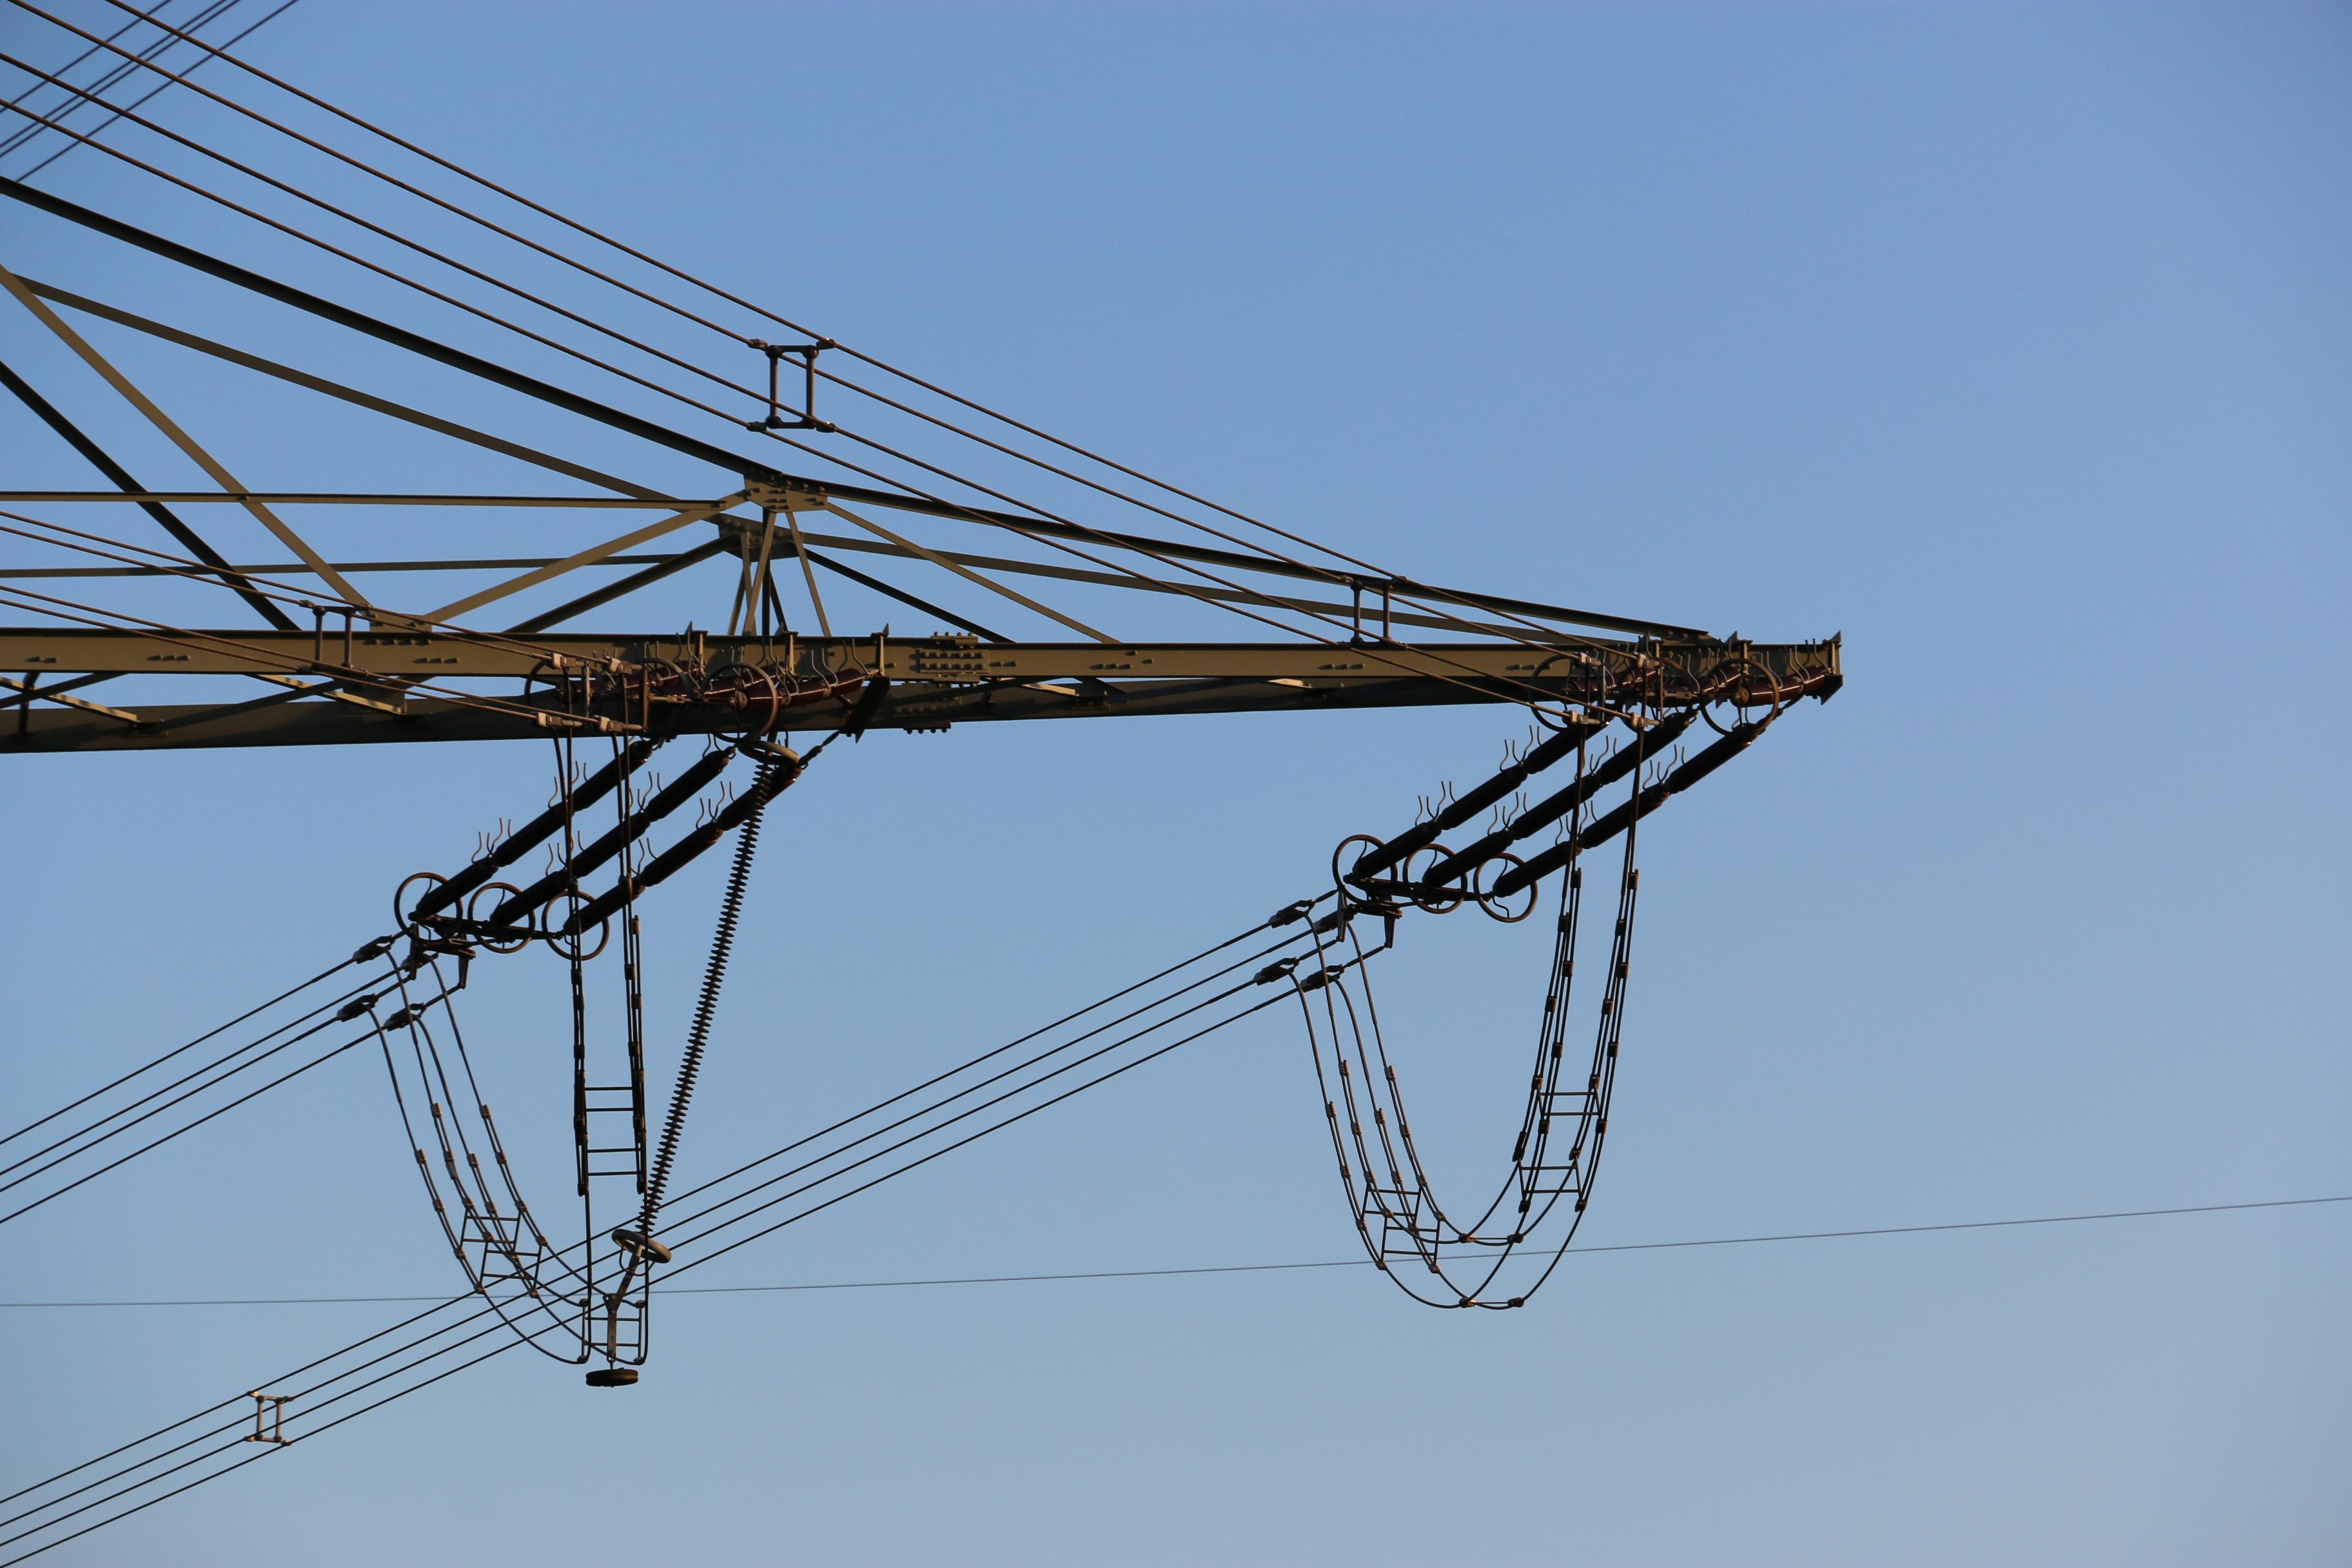 Netzausbau, Übertragungsnetz, Energiewende aktuell